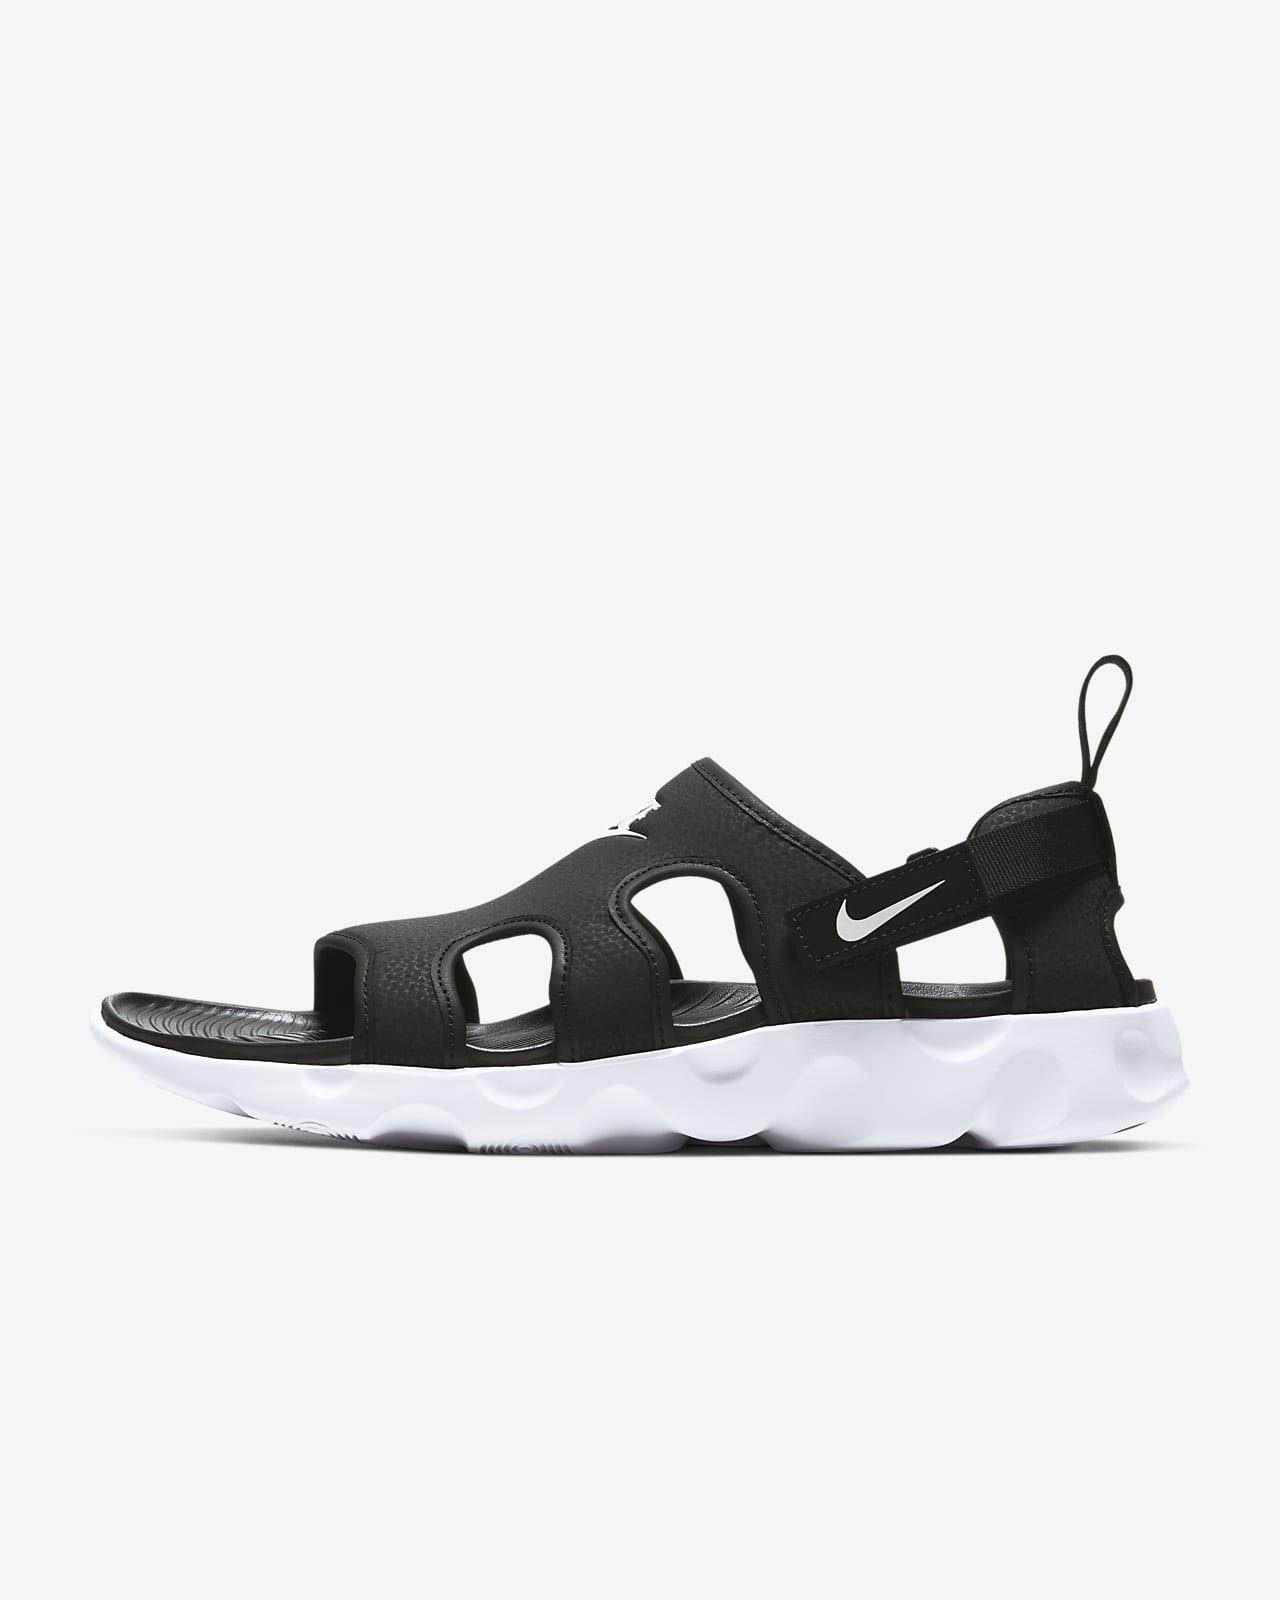 Nike Owaysis Men's Sandals